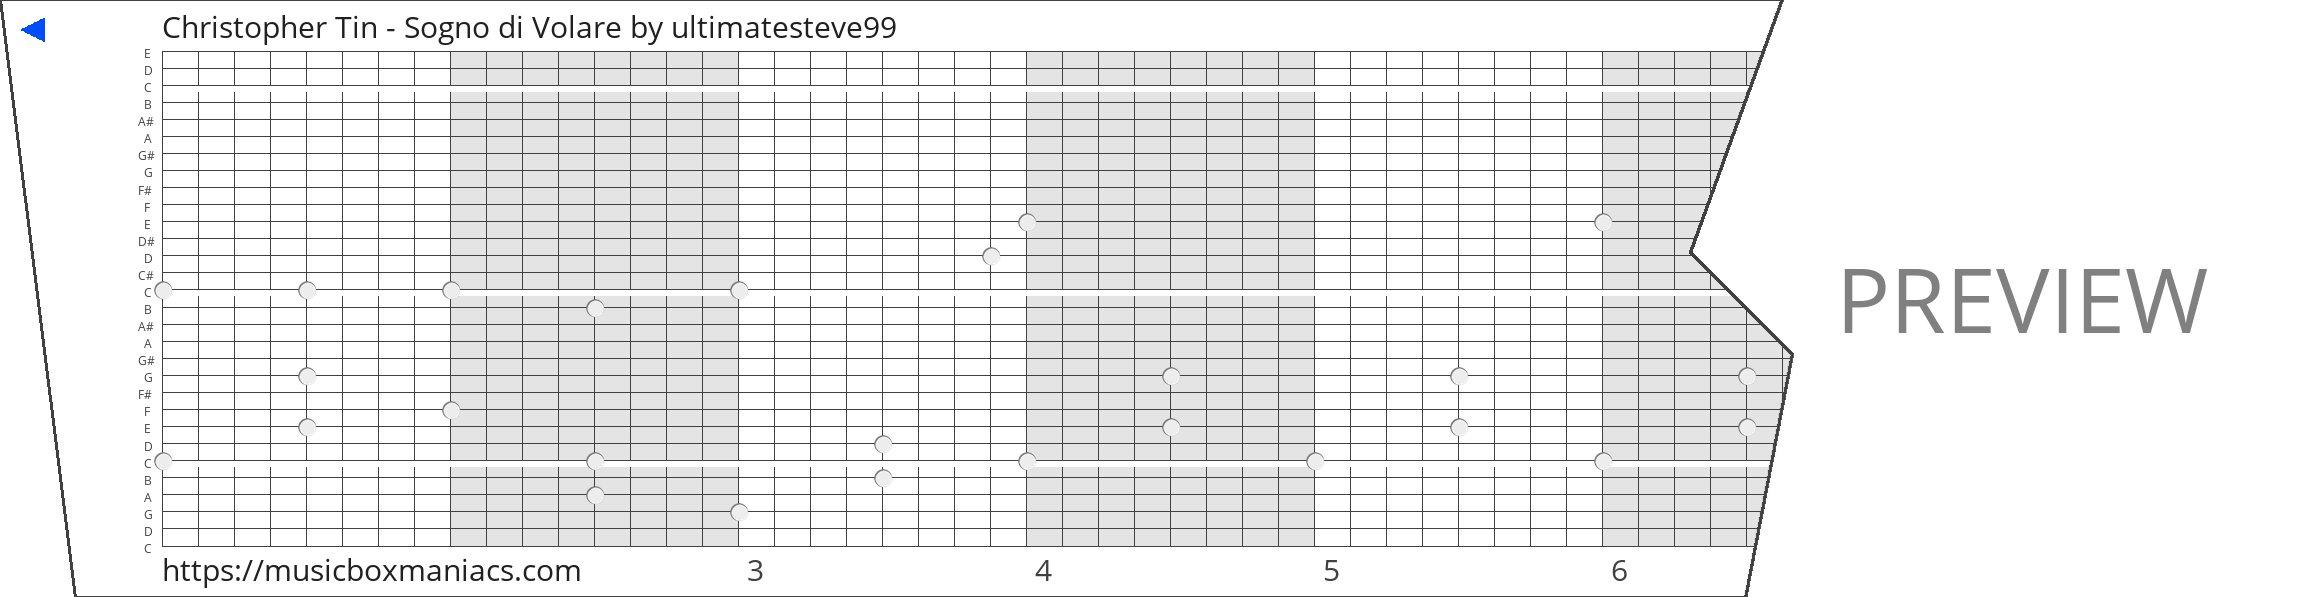 Christopher Tin - Sogno di Volare 30 note music box paper strip